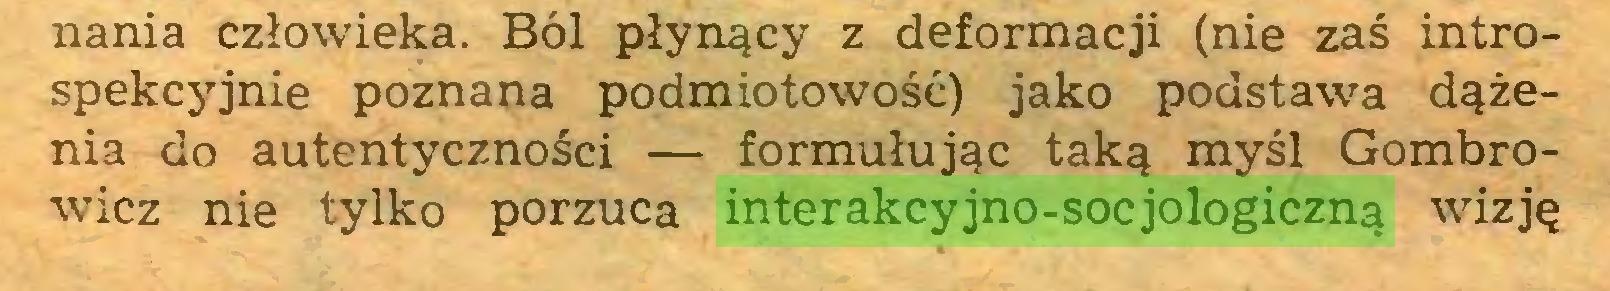 (...) nania człowieka. Ból płynący z deformacji (nie zaś introspekcyjnie poznana podmiotowość) jako podstawa dążenia do autentyczności — formułując taką myśl Gombrowicz nie tylko porzuca interakcyjno-socjologiczną wizję...